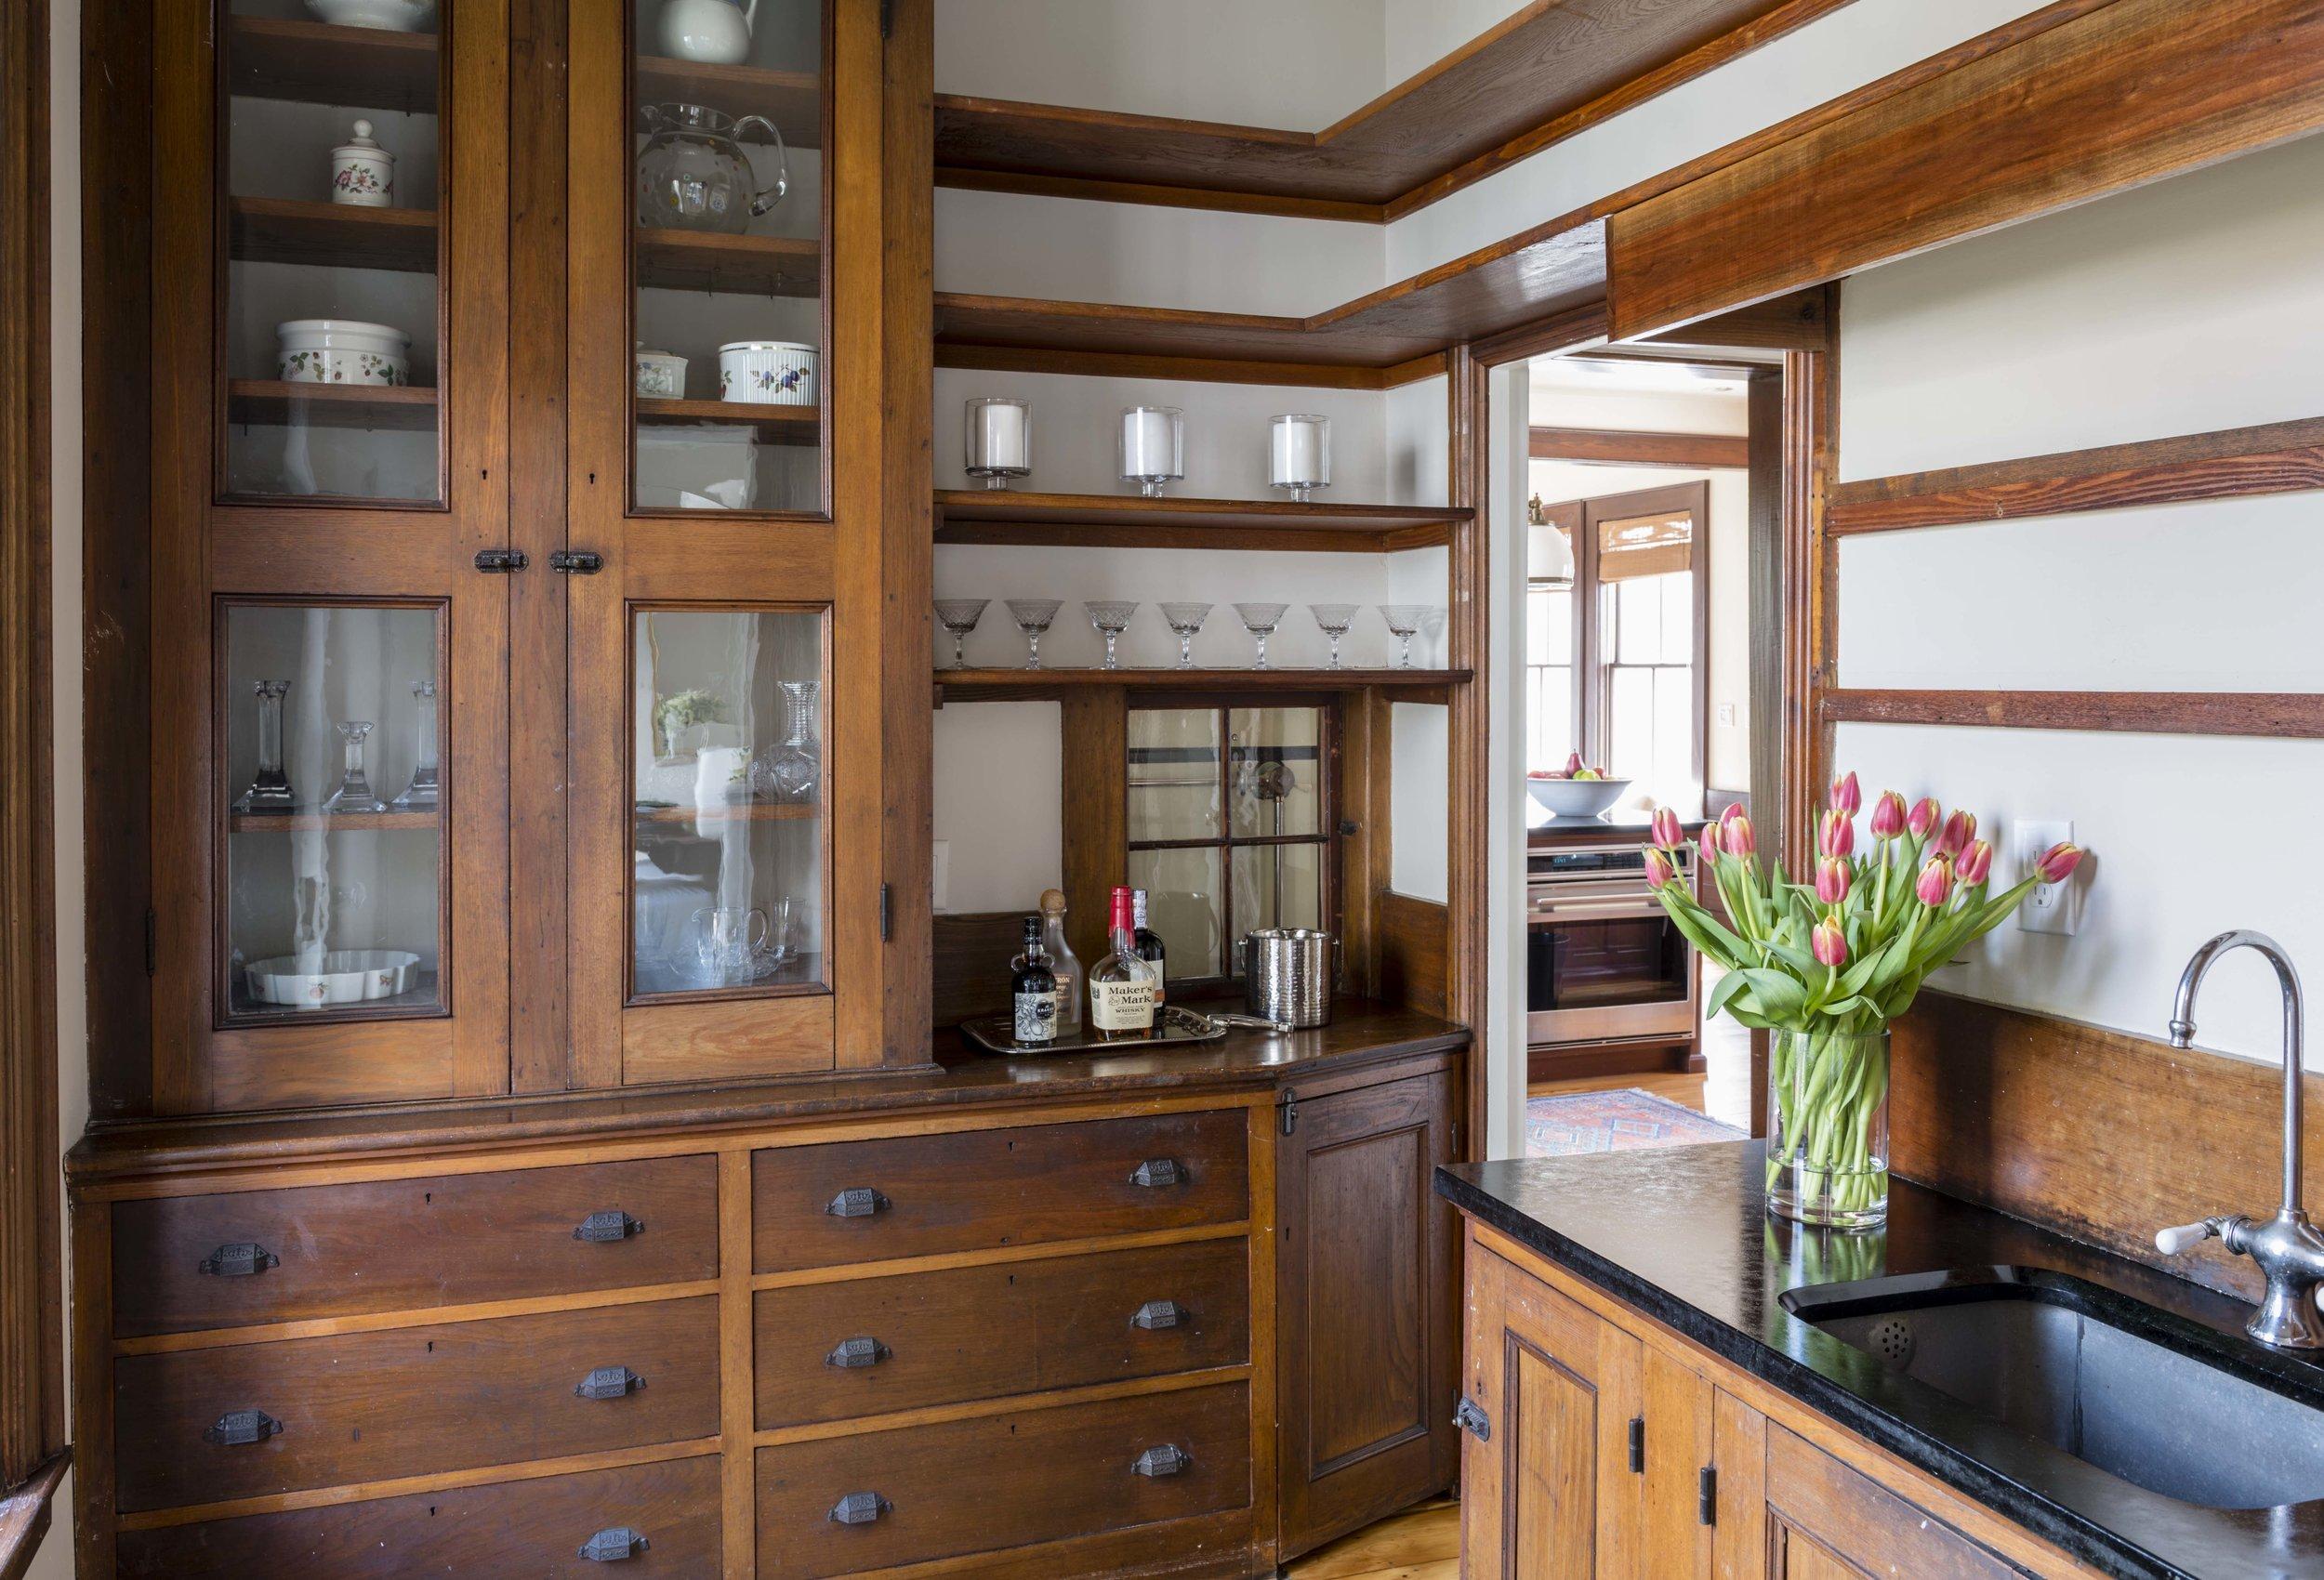 Butlers Pantry Pleasant belmont20.jpg